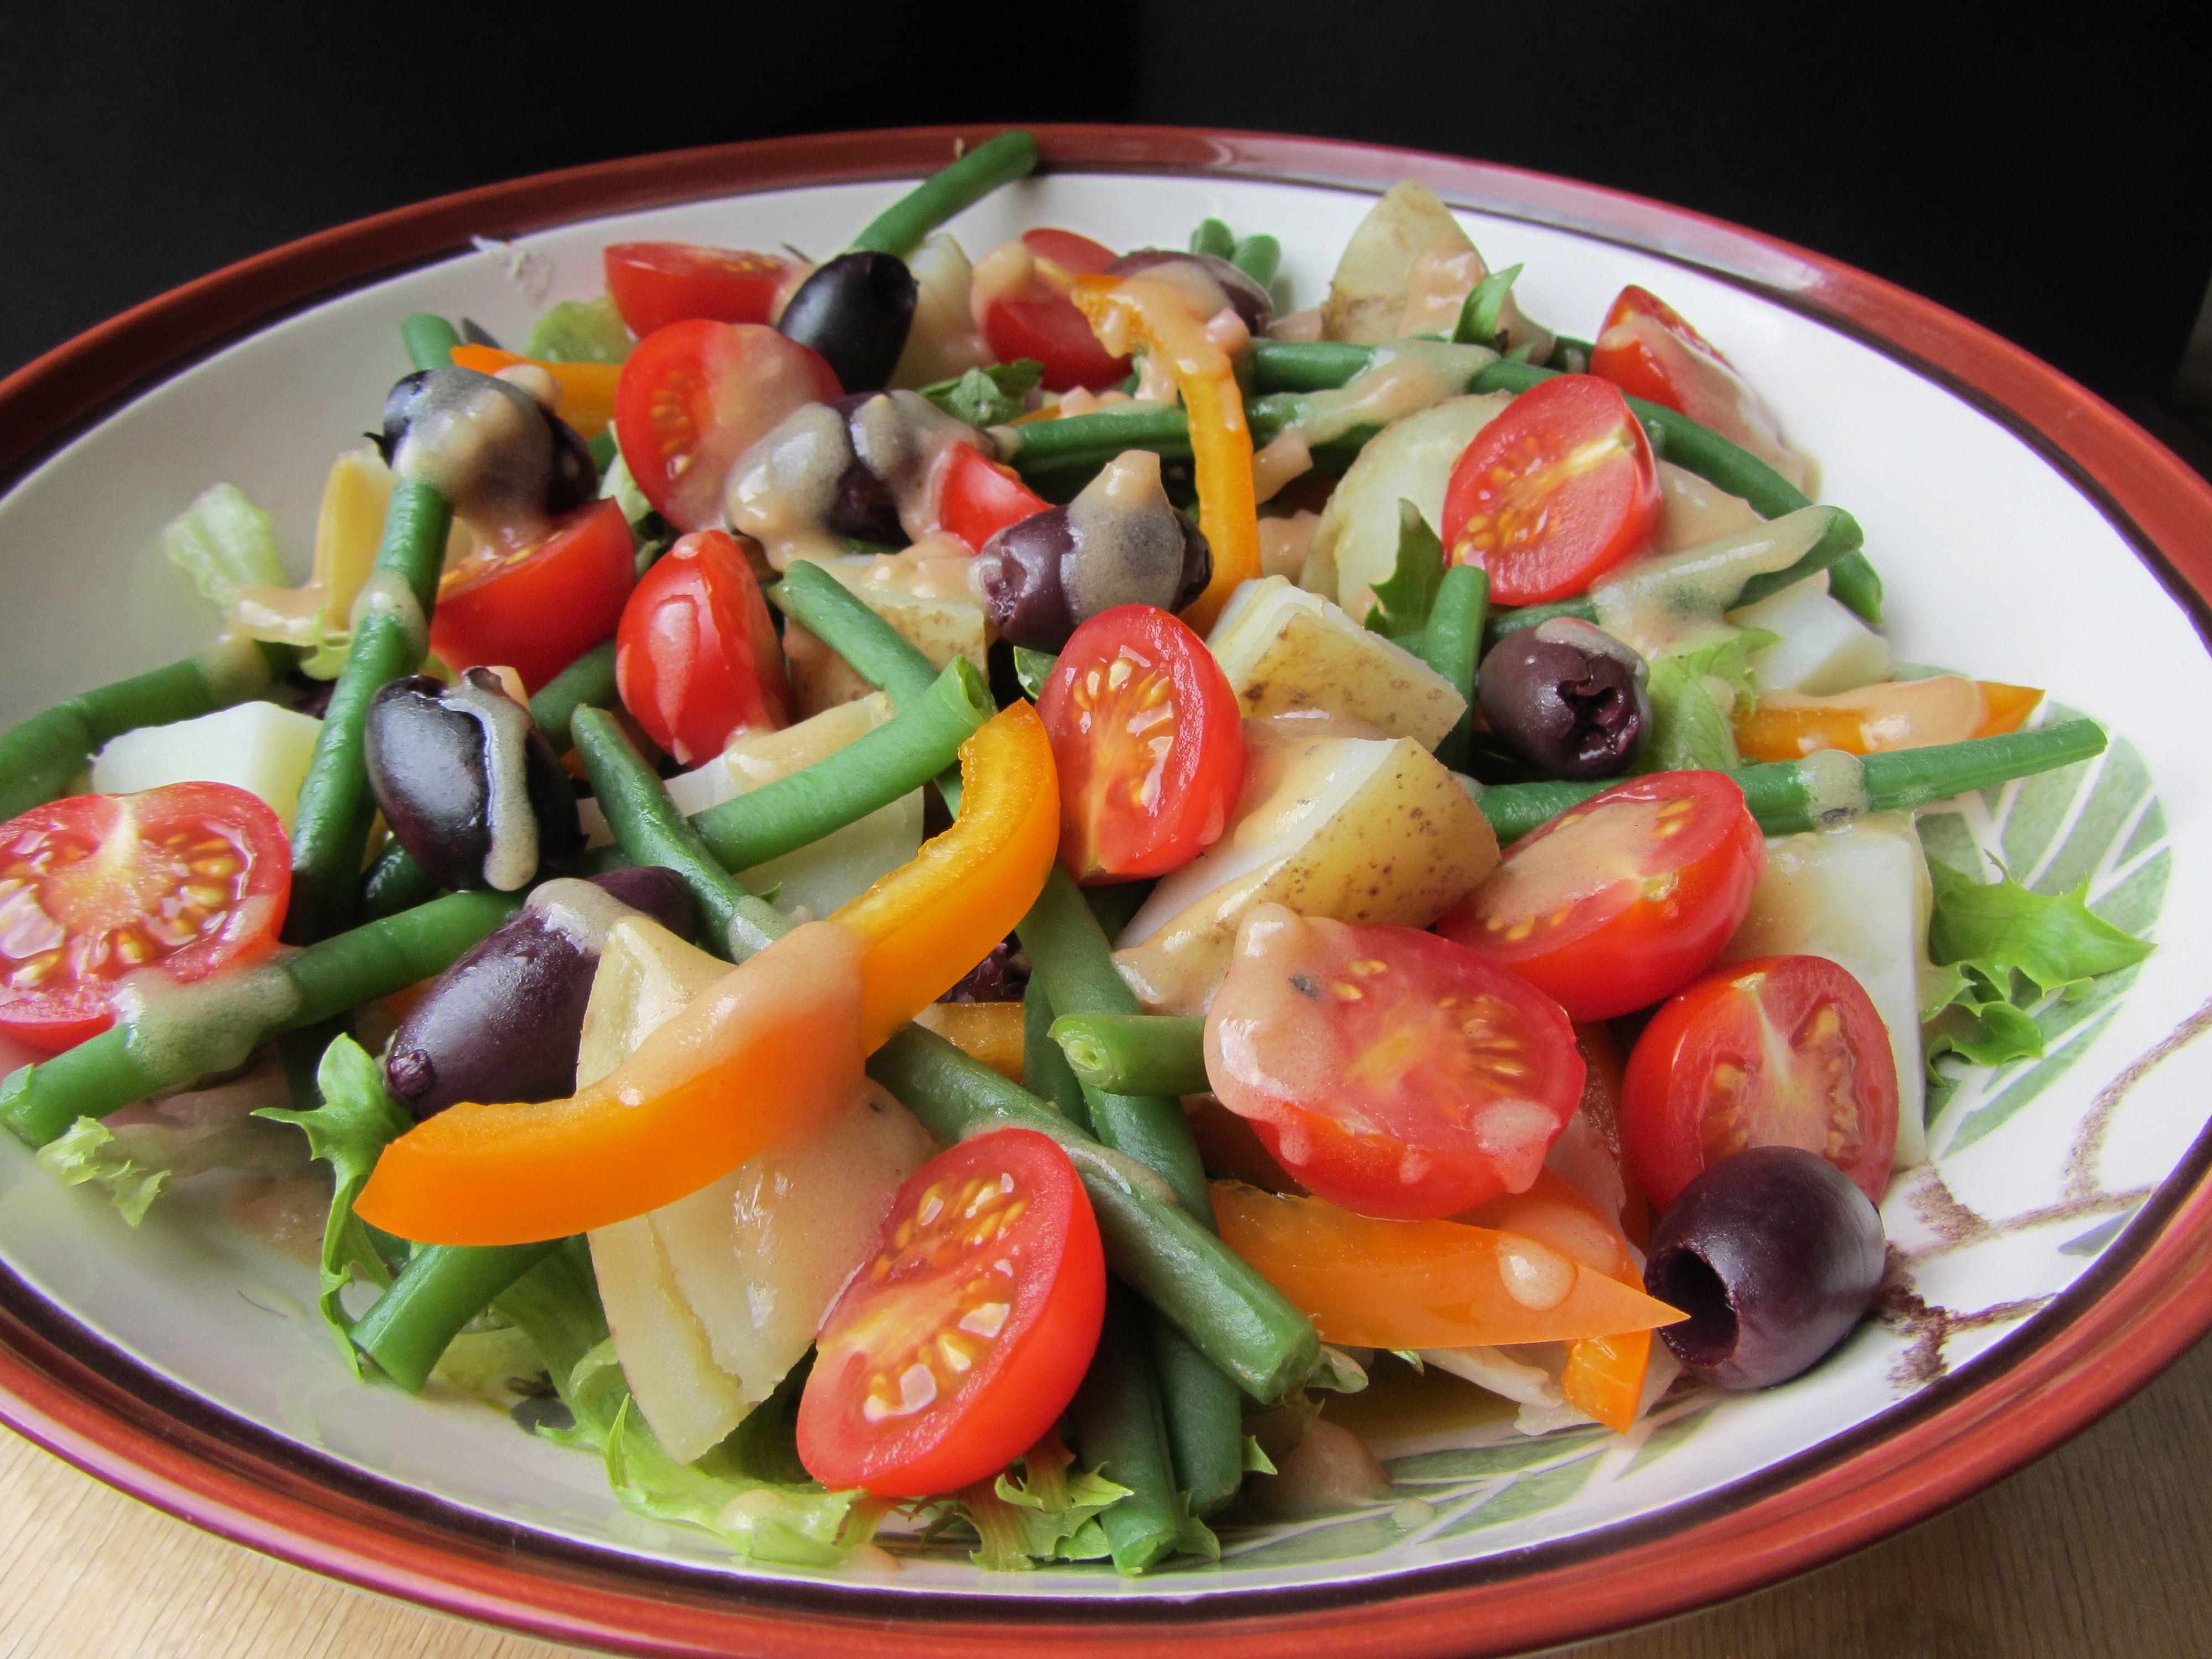 салат на быструю руку рецепт с фото умозаключение при